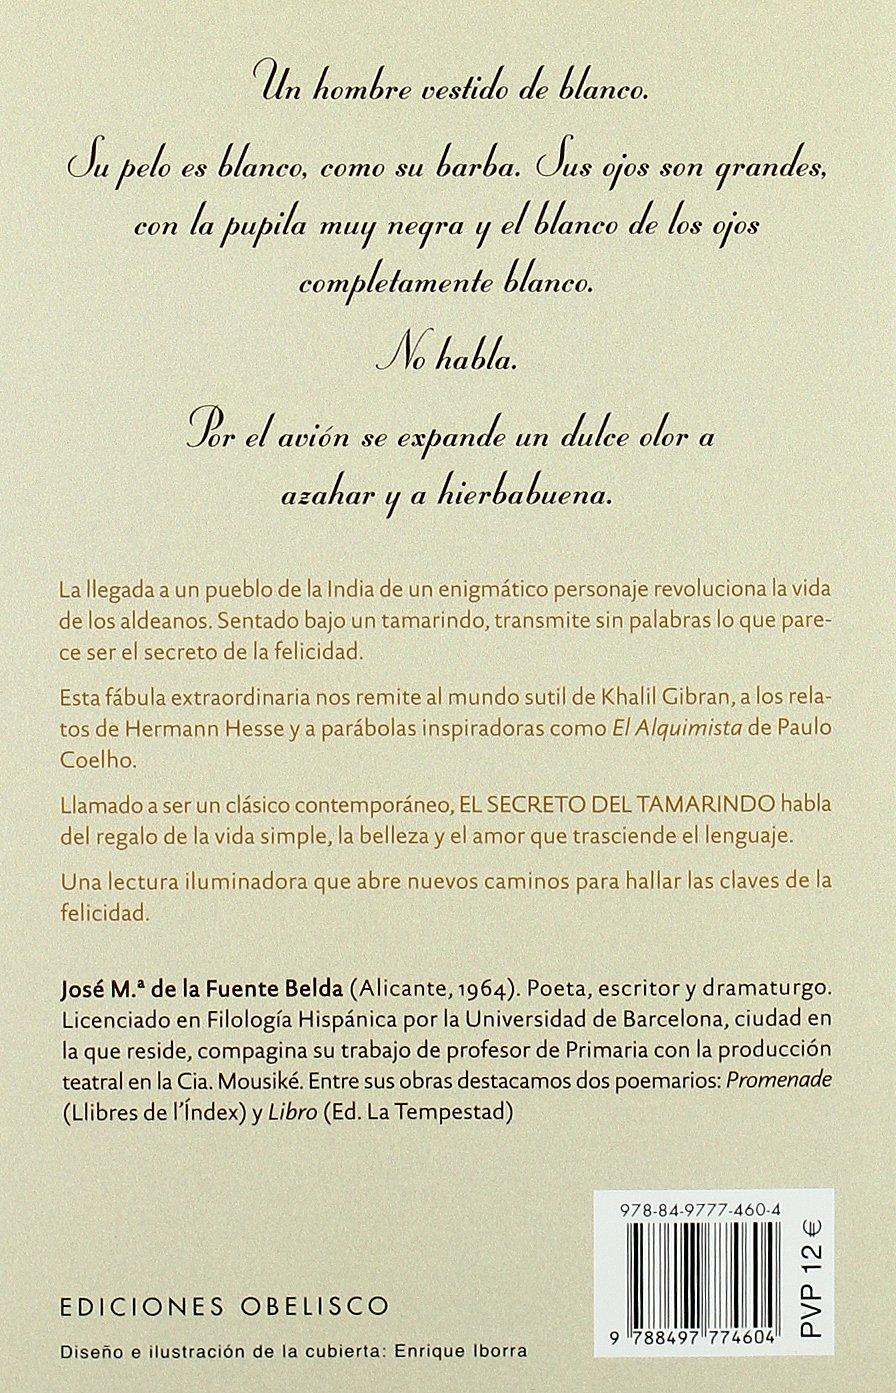 El secreto del tamarindo (NUEVA CONSCIENCIA): Amazon.es: JOSÉ MARÍA DE LA FUENTE BELDA: Libros